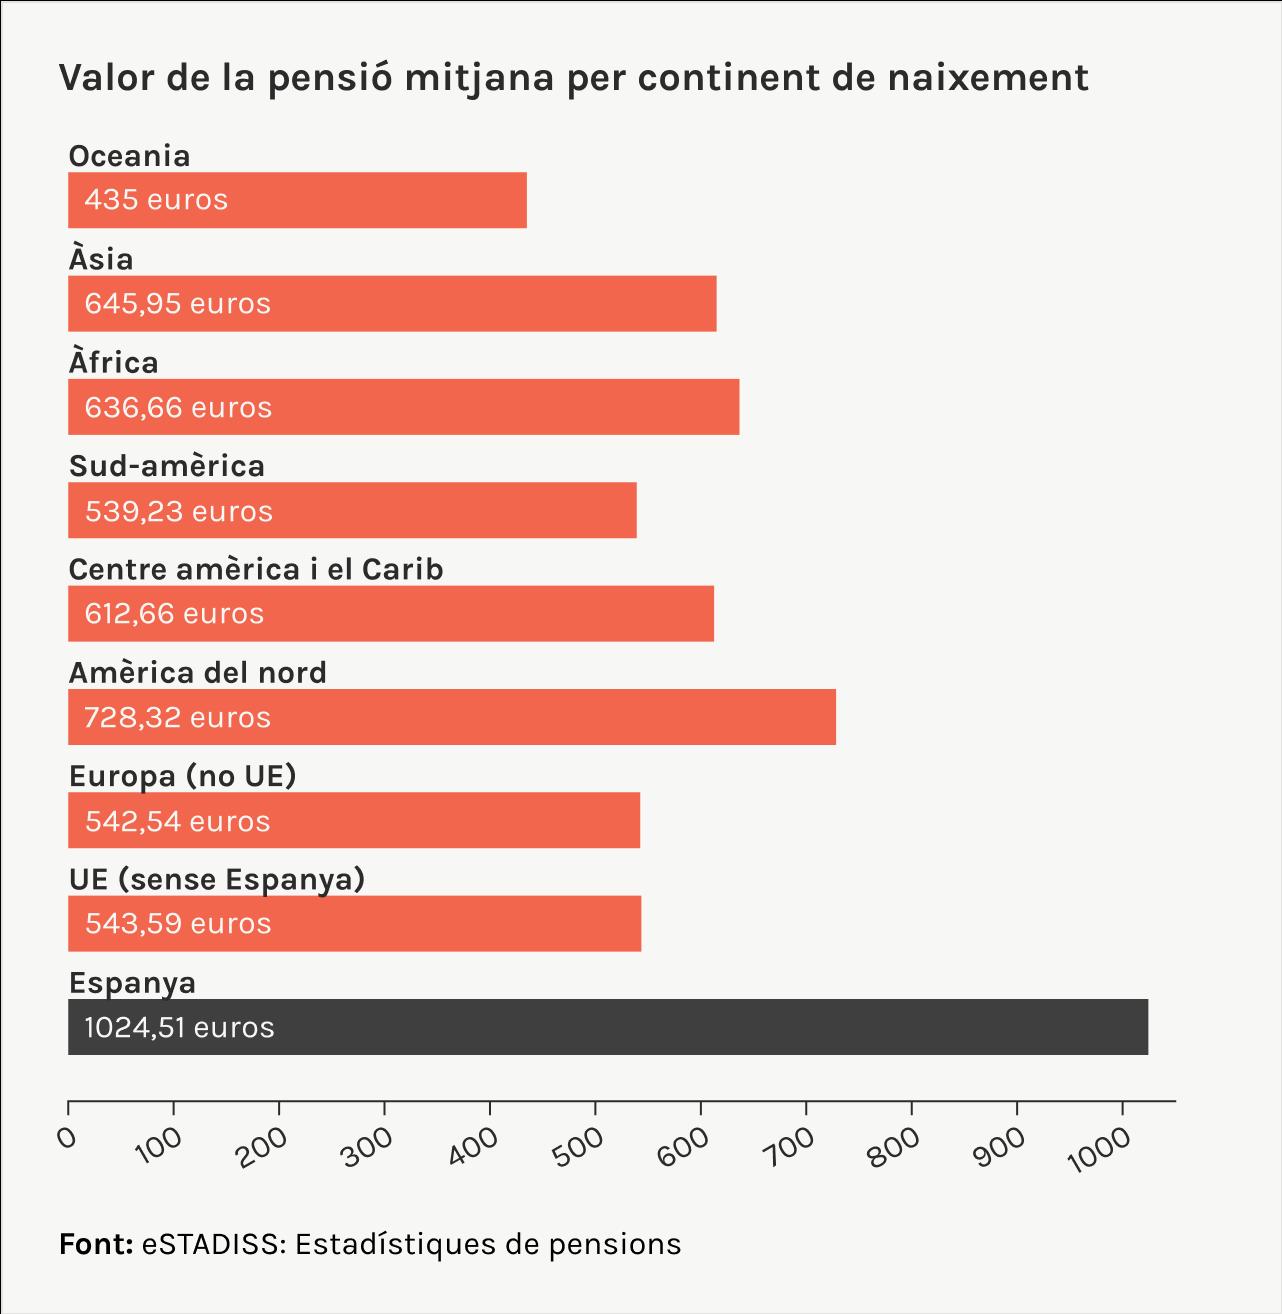 Valor de la pensió mitjana per continent de naixement